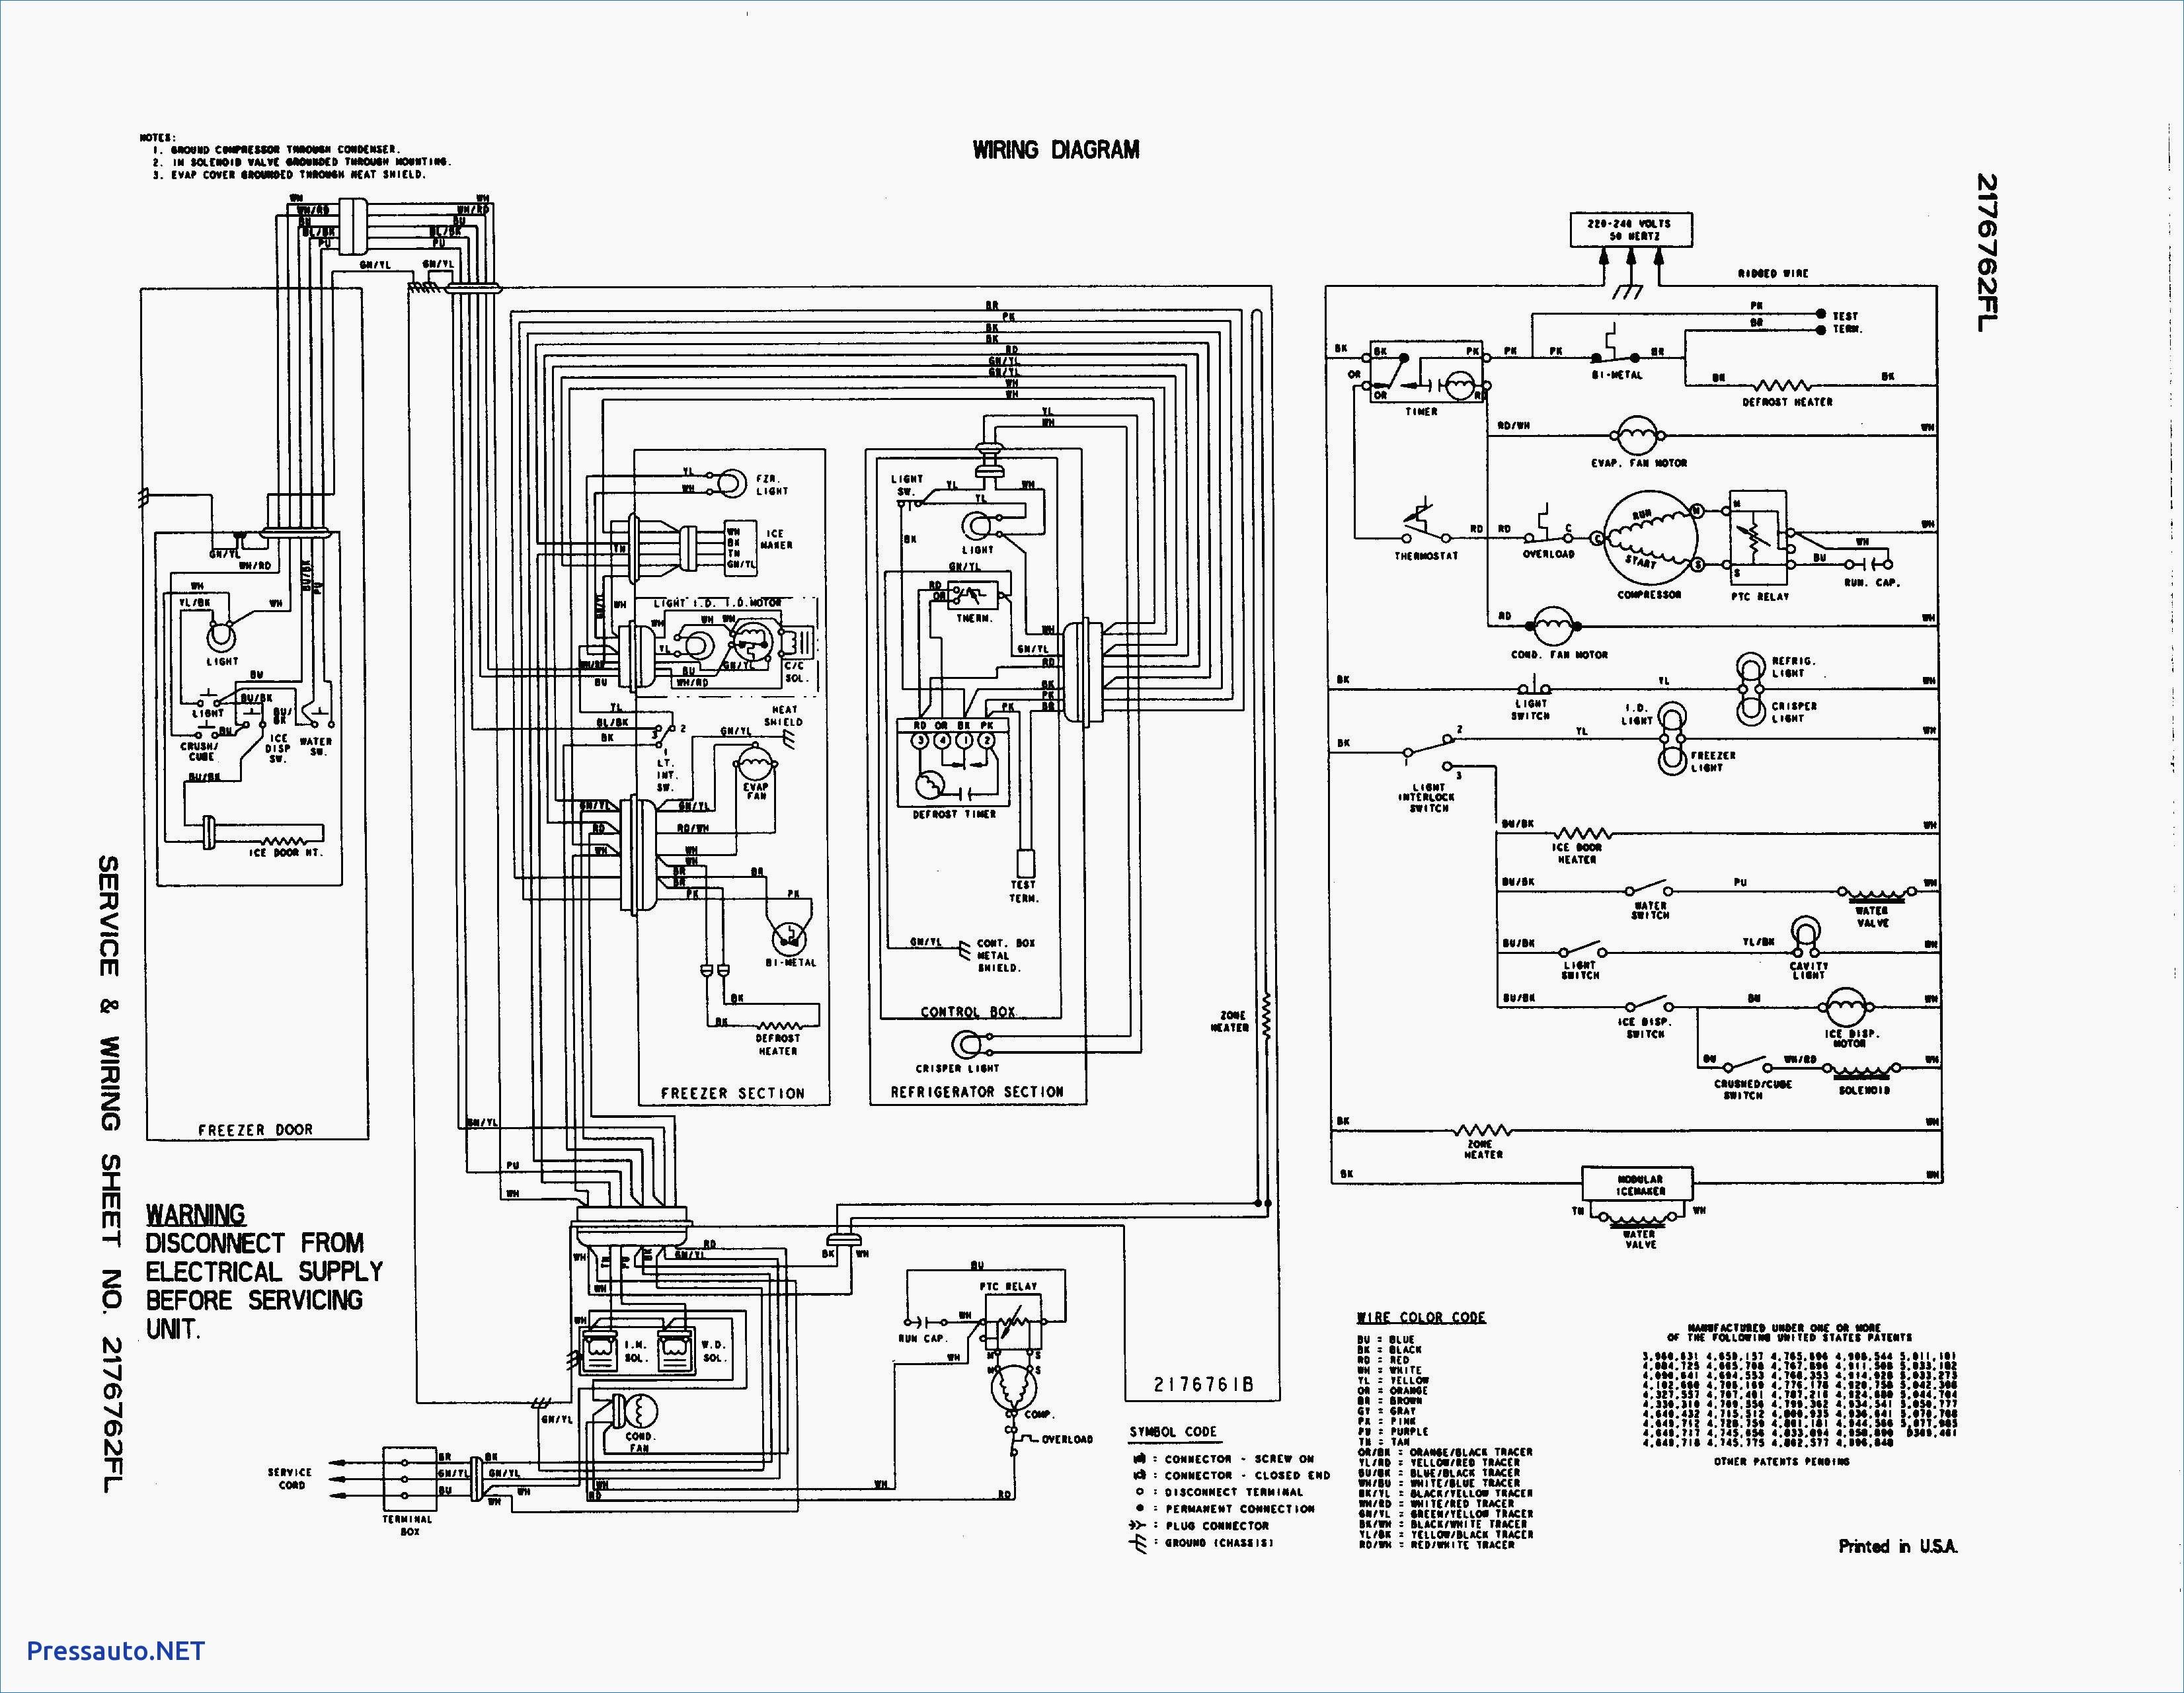 [SCHEMATICS_4LK]  Wed5100vq1 Whirlpool Wiring Schematic -Chevrolet Turn Signal Wiring Diagram  Free Download | Begeboy Wiring Diagram Source | Wed5100vq1 Whirlpool Wiring Schematic |  | Begeboy Wiring Diagram Source